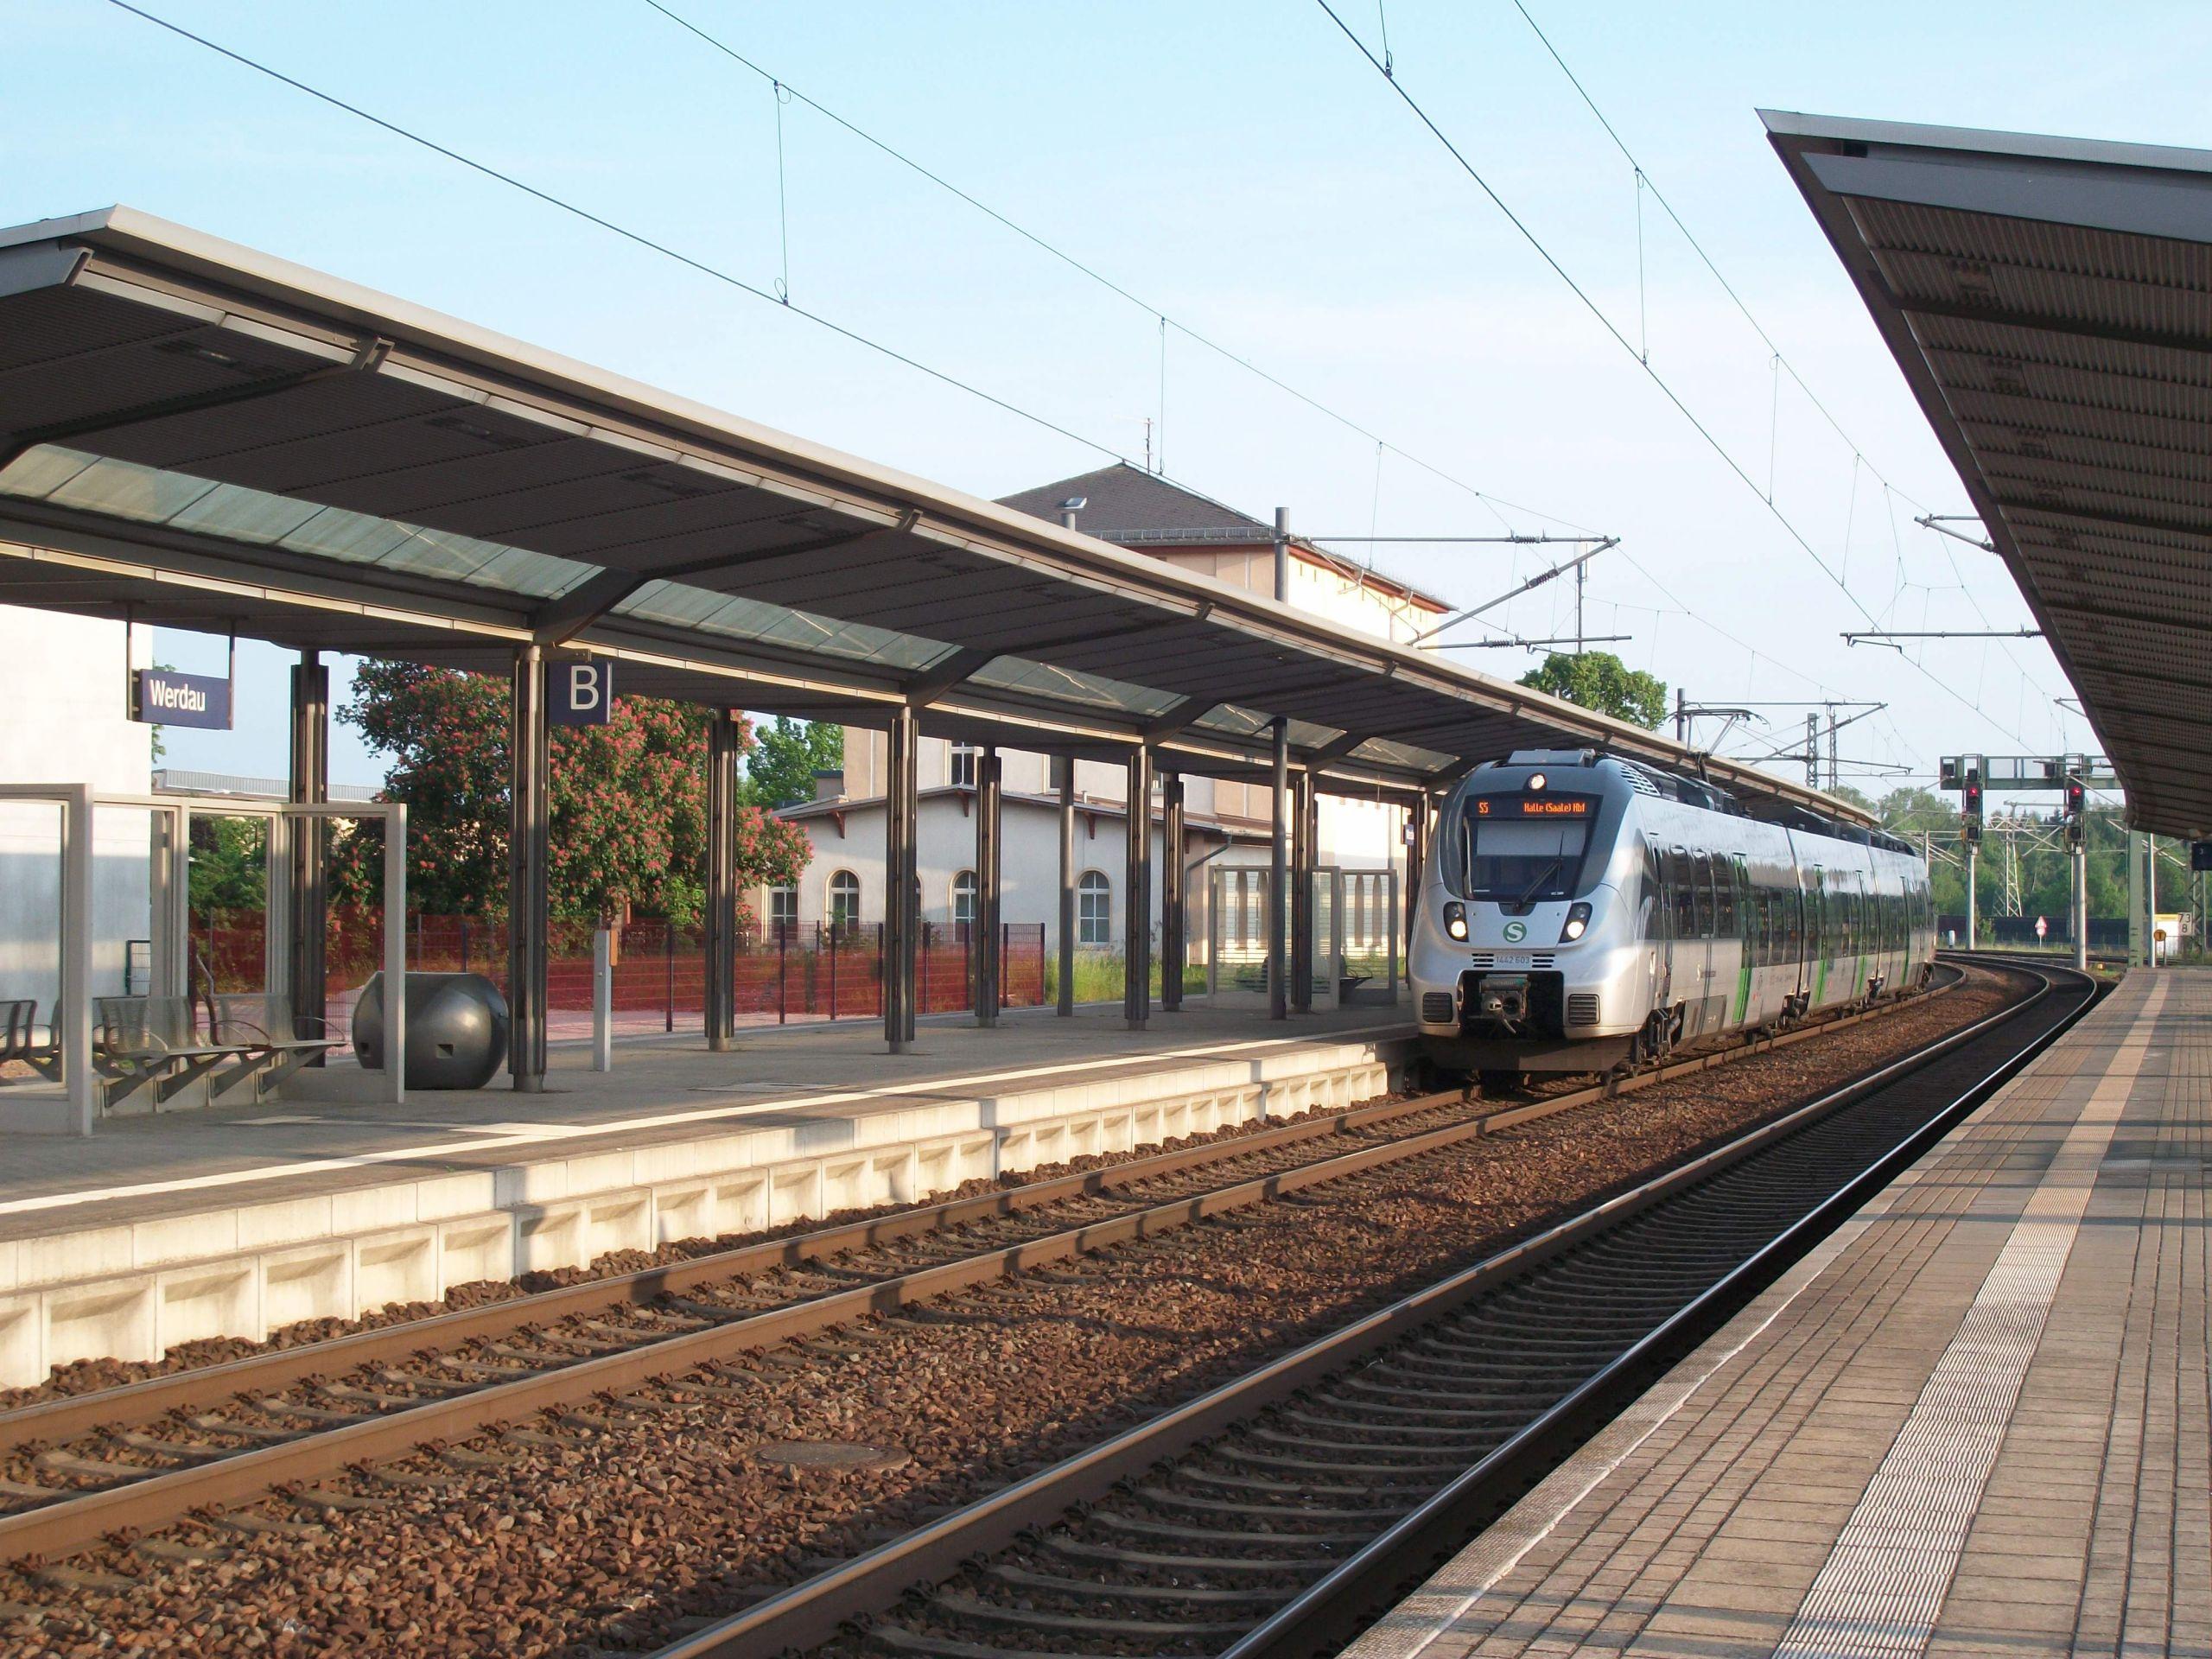 Bahnhof Werdau mit S Bahn 7